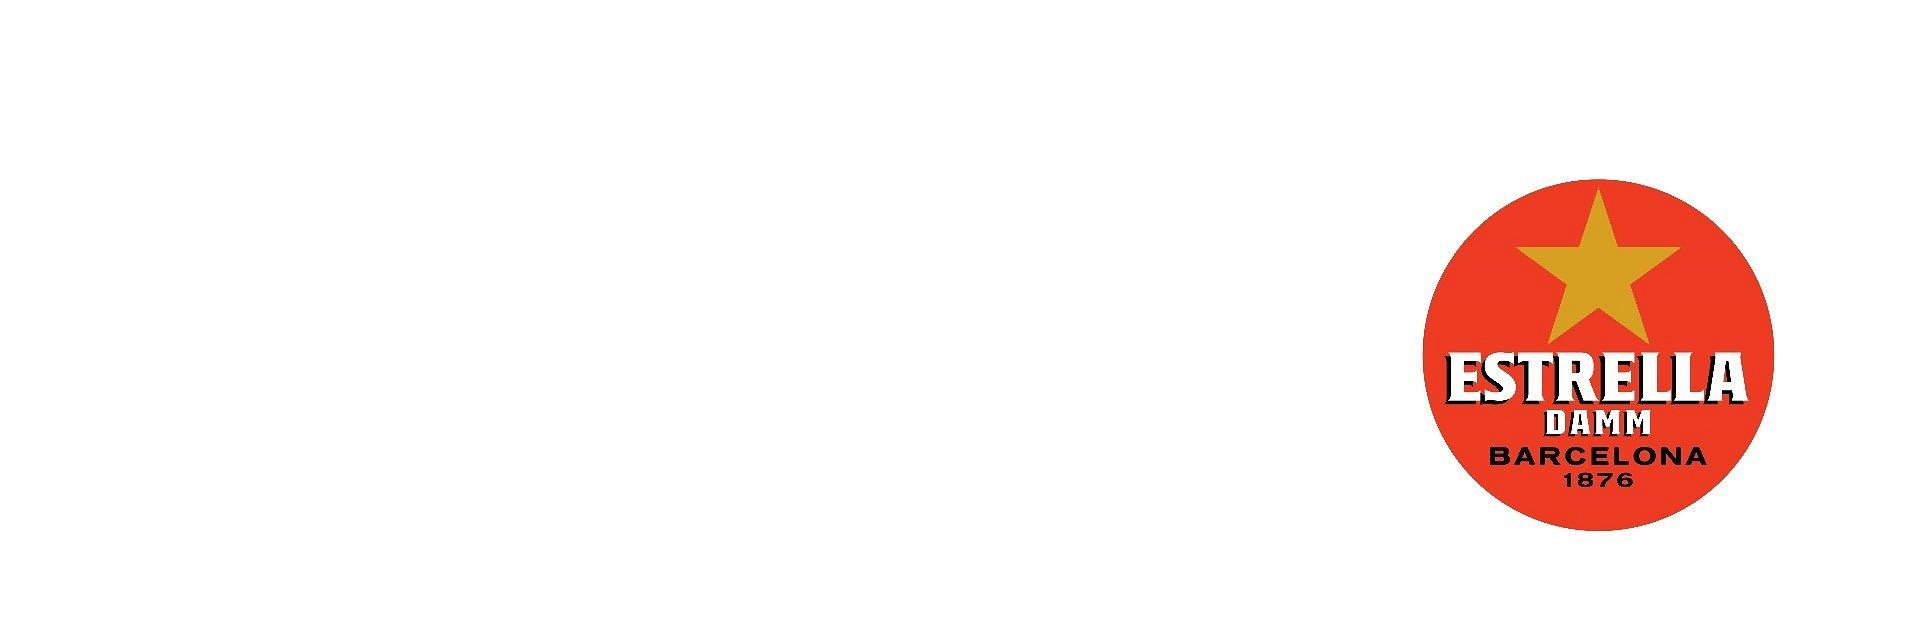 Estrella Damm e Henrique Sá Pessoa desvendam ingrediente secreto do Jantar do Ano